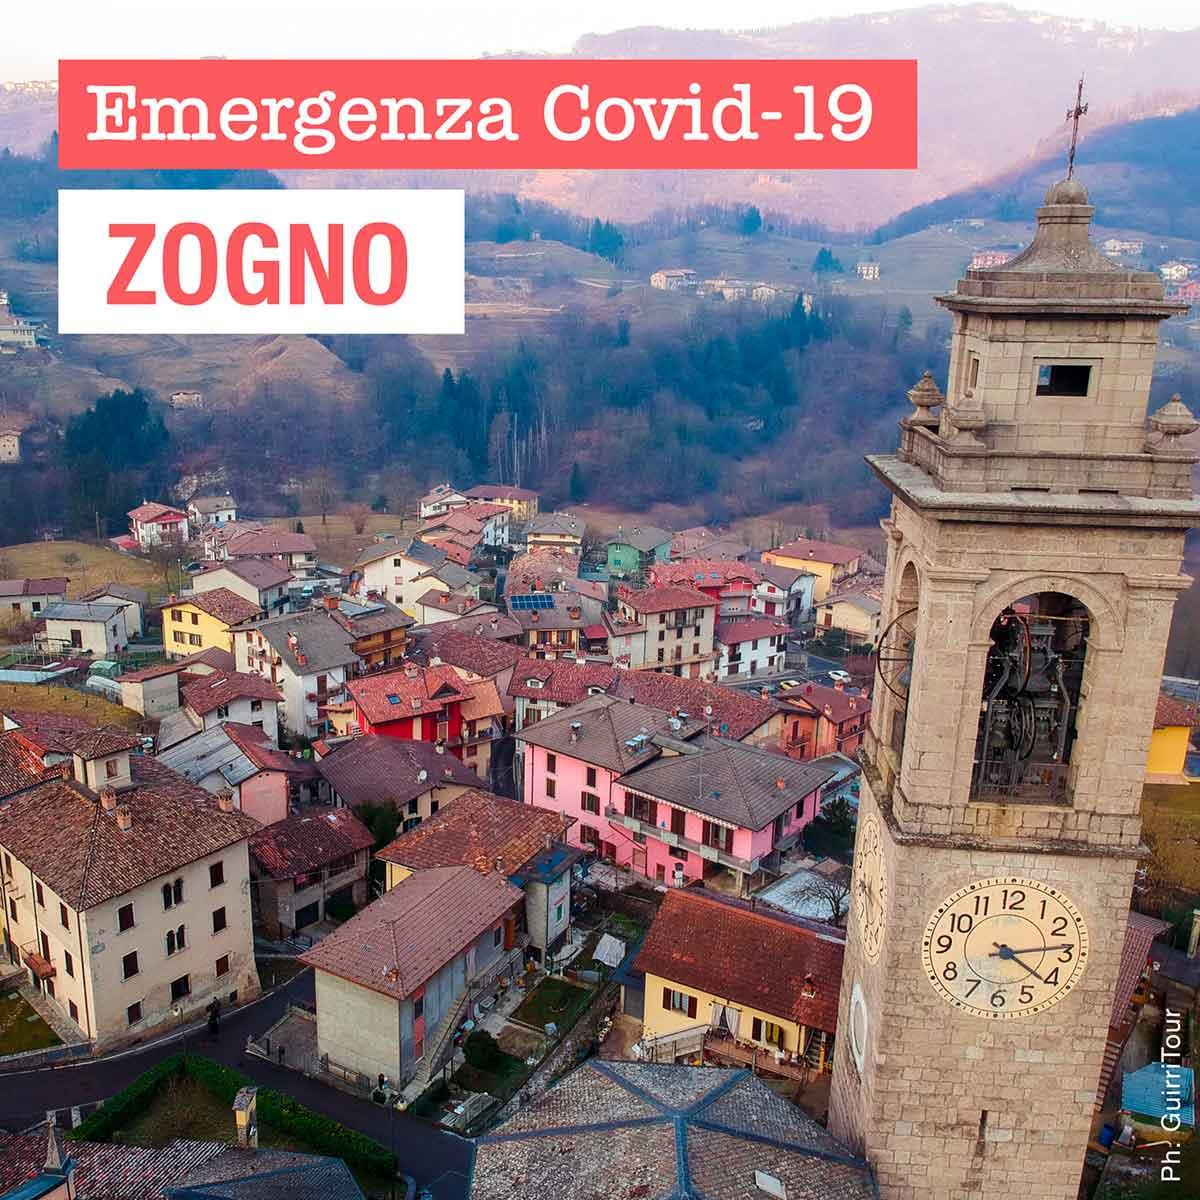 Museo della Valle Onlus #OraAiutiamo - COVID-19 - Zogno